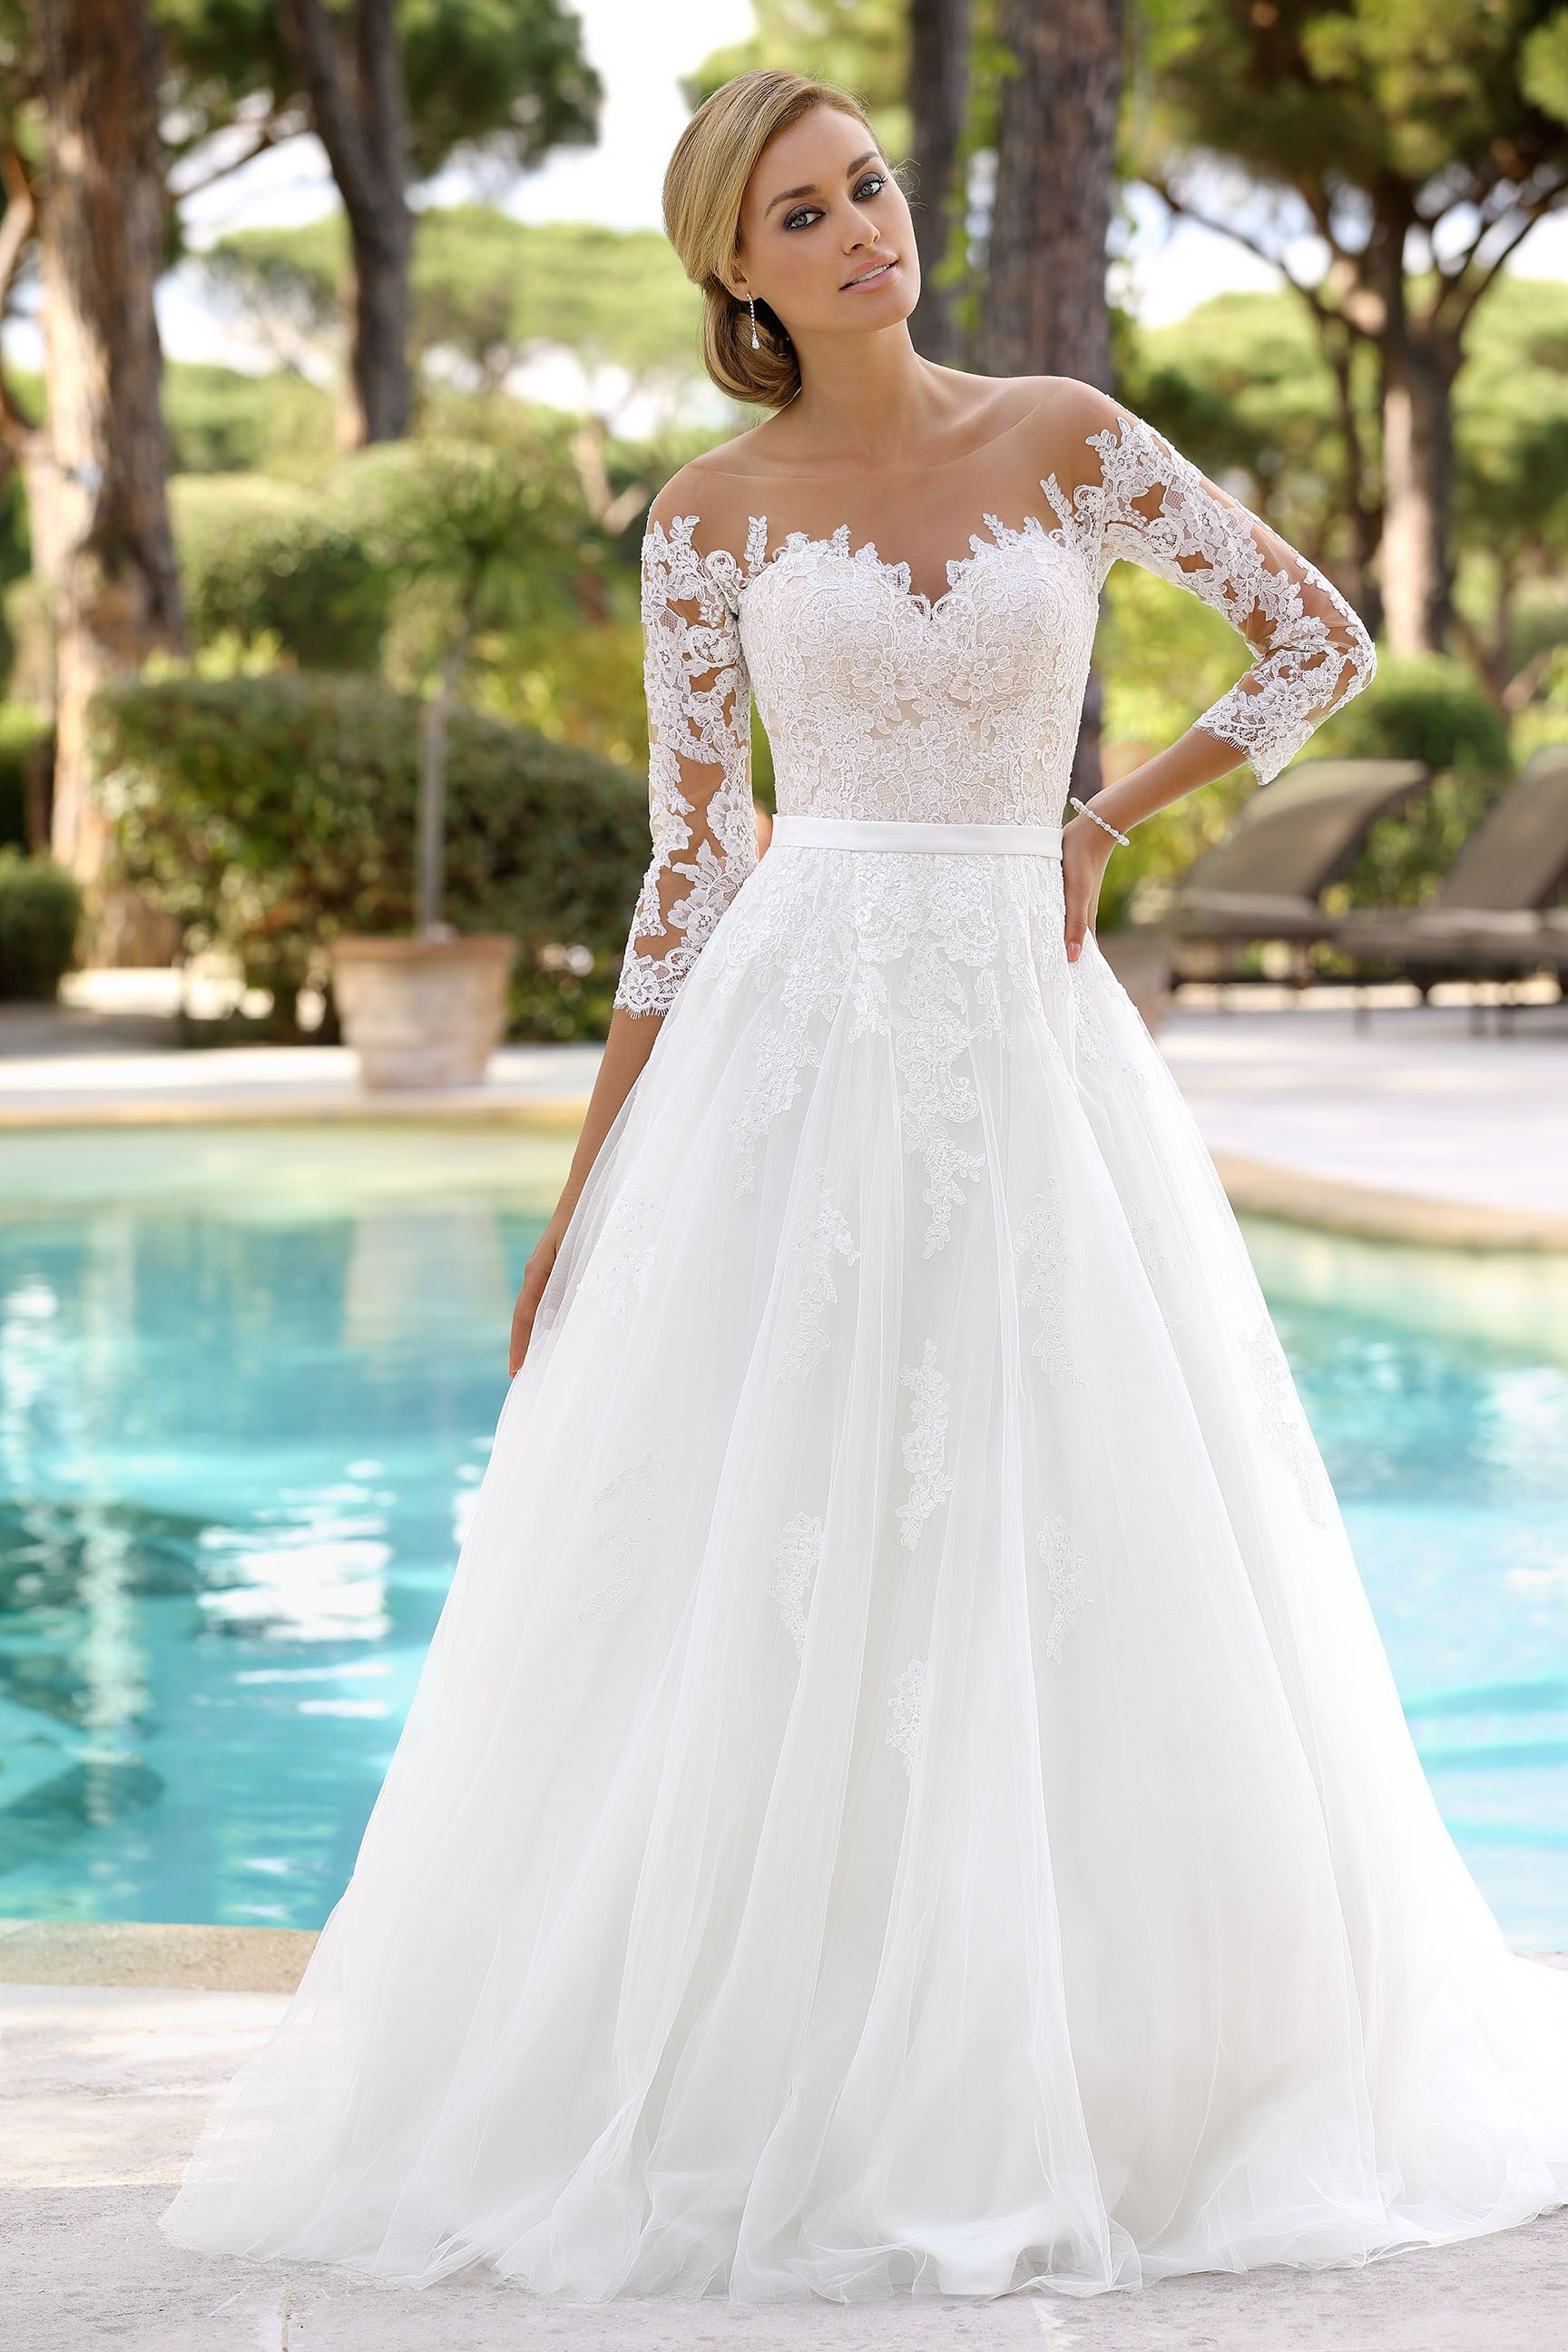 Ladybird Wedding Dress wwwladybirdnl  Bruidsmode  Trouwjurken  Bruidsjurken  Bridal Gowns